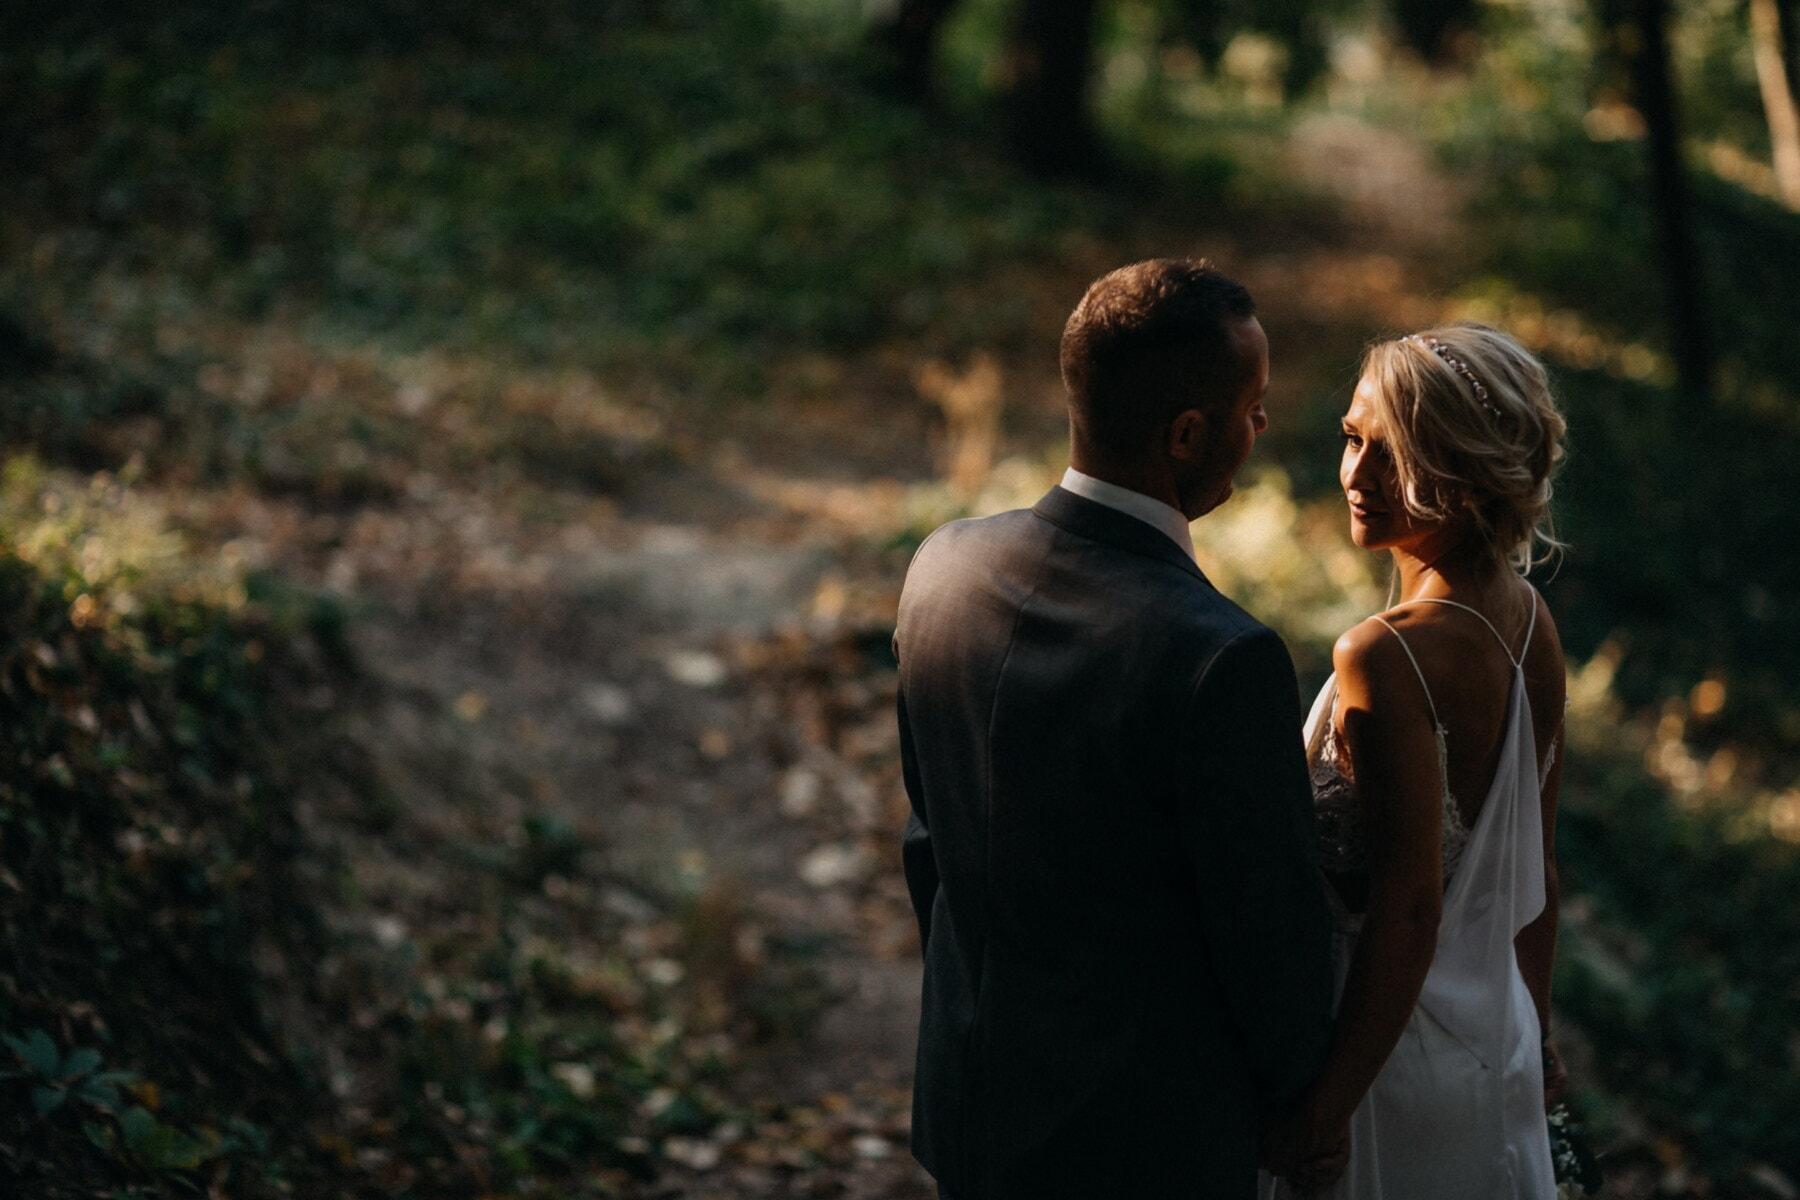 Waldweg, Liebesbeziehung, Fuß, Geschäftsmann, junge Frau, Mädchen, Liebe, im freien, Menschen, Zuneigung